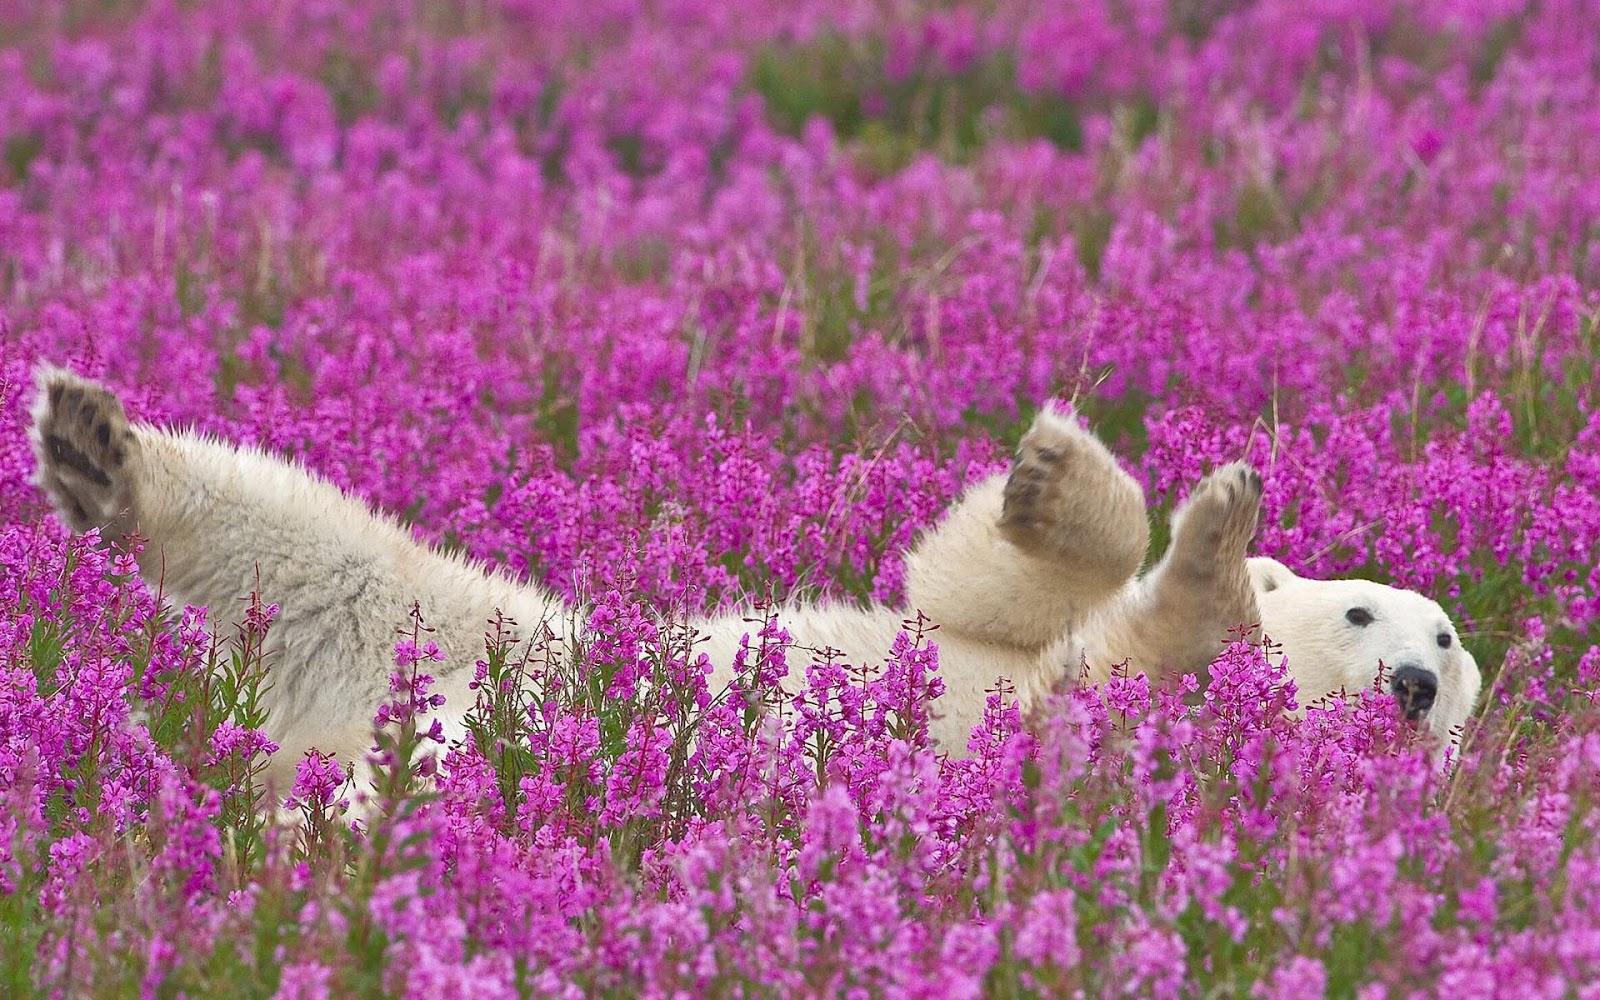 The Cutest Polar Bear You've Ever Seen! Boom!